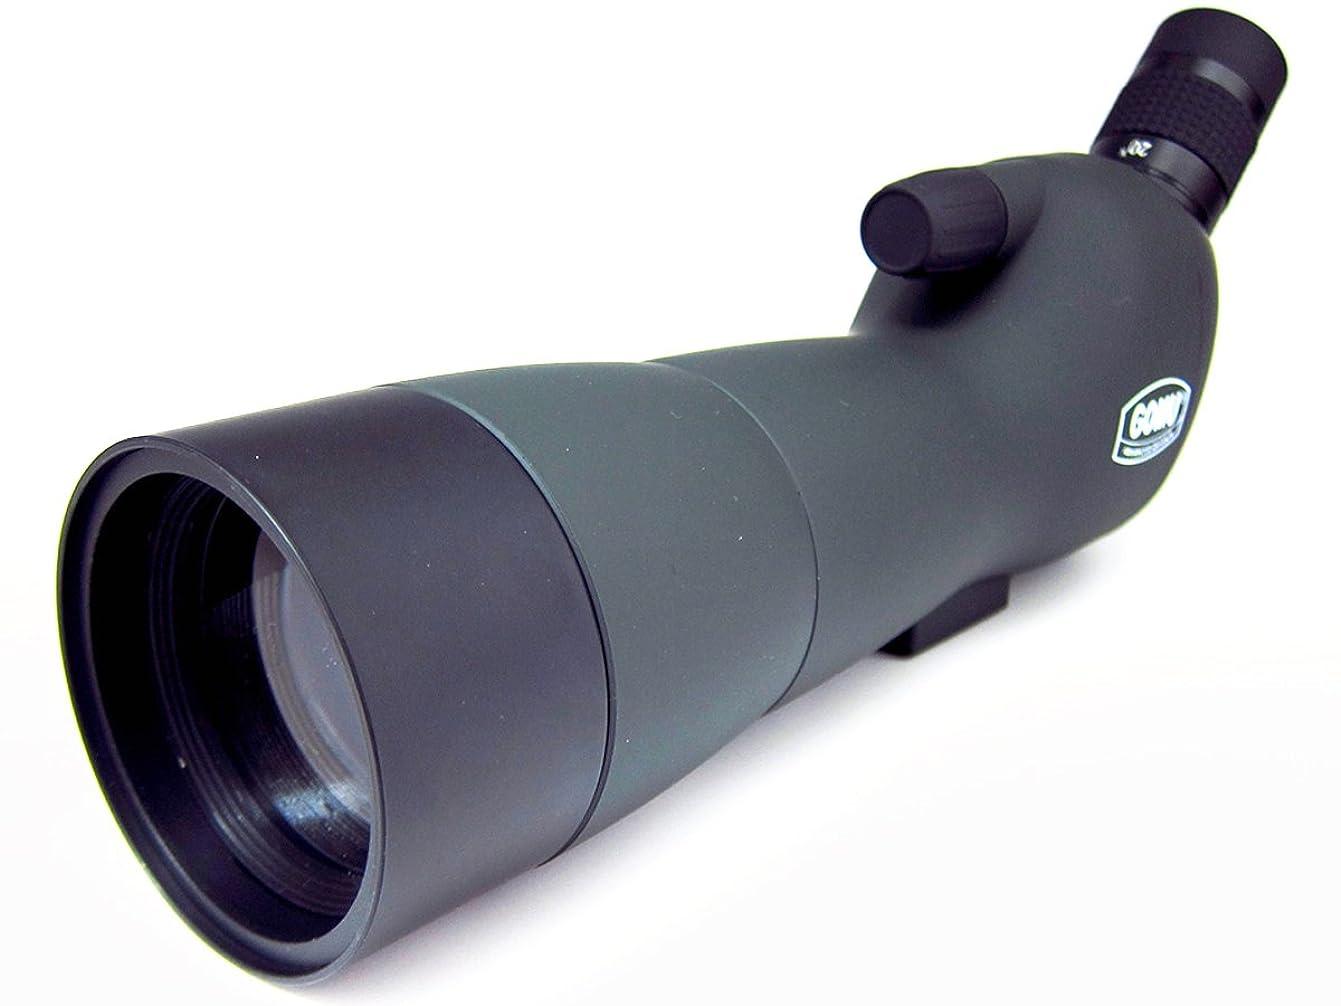 特異性数学海里SVBONY SV14フィールドスコープ バードウォッチング 望遠鏡 単眼鏡 高倍率 防水 天体観測 野鳥観察 スマホアダプタ付き 日本語マニュアル付き (20倍-60倍 60mm)